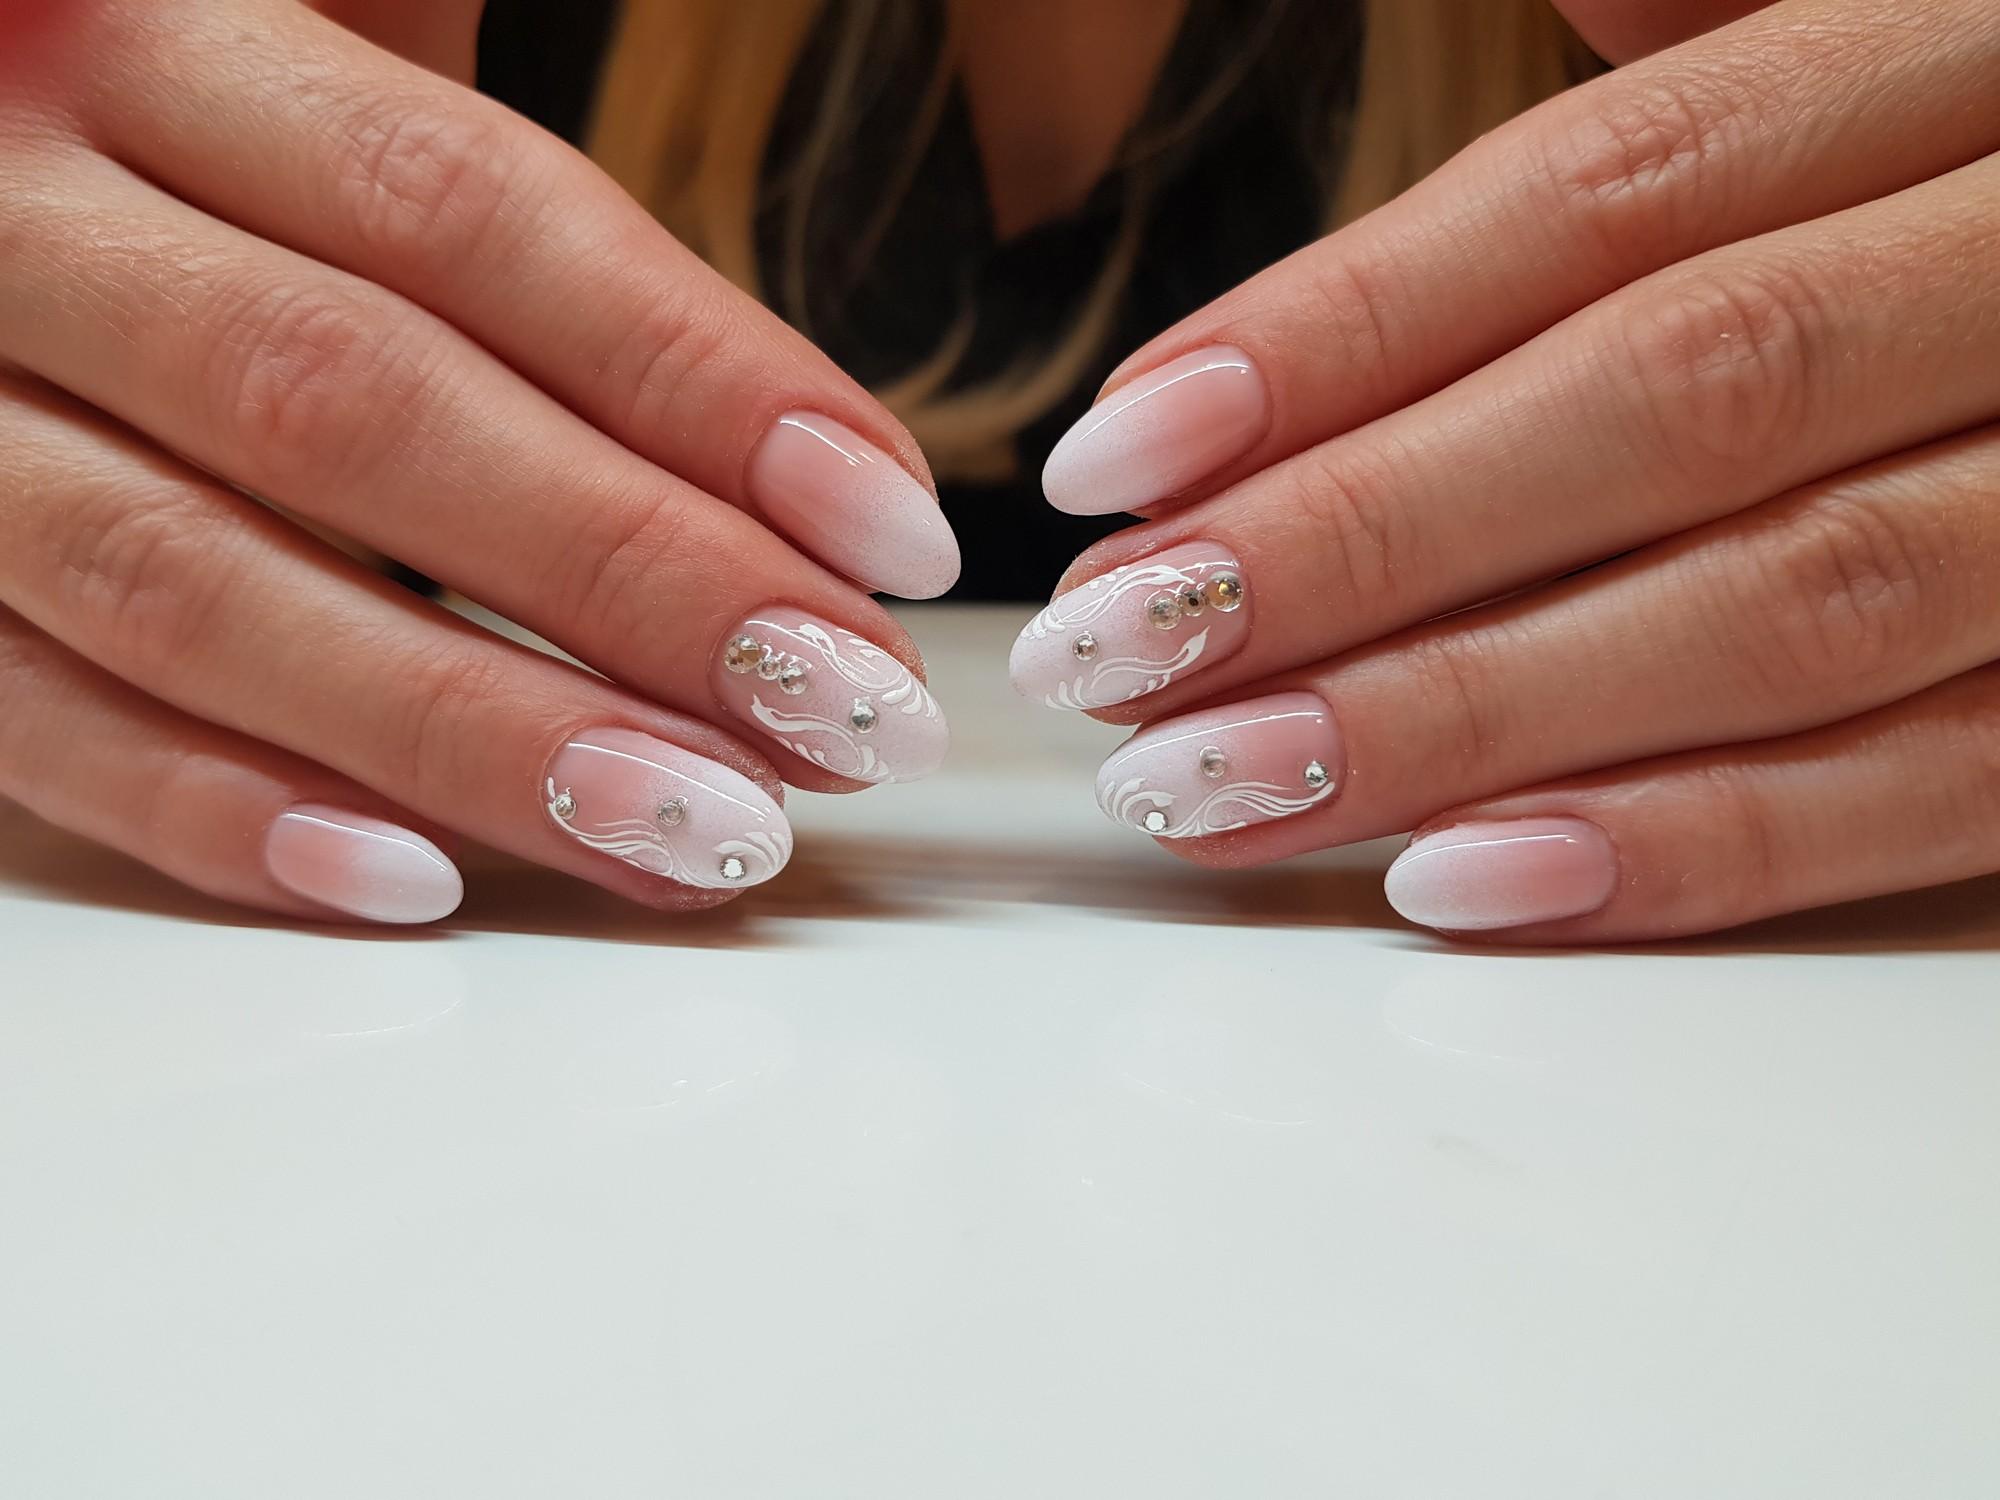 Paznokcie Hybrydowe Pedicure I Manicure Hybrydowy Colette Krakow